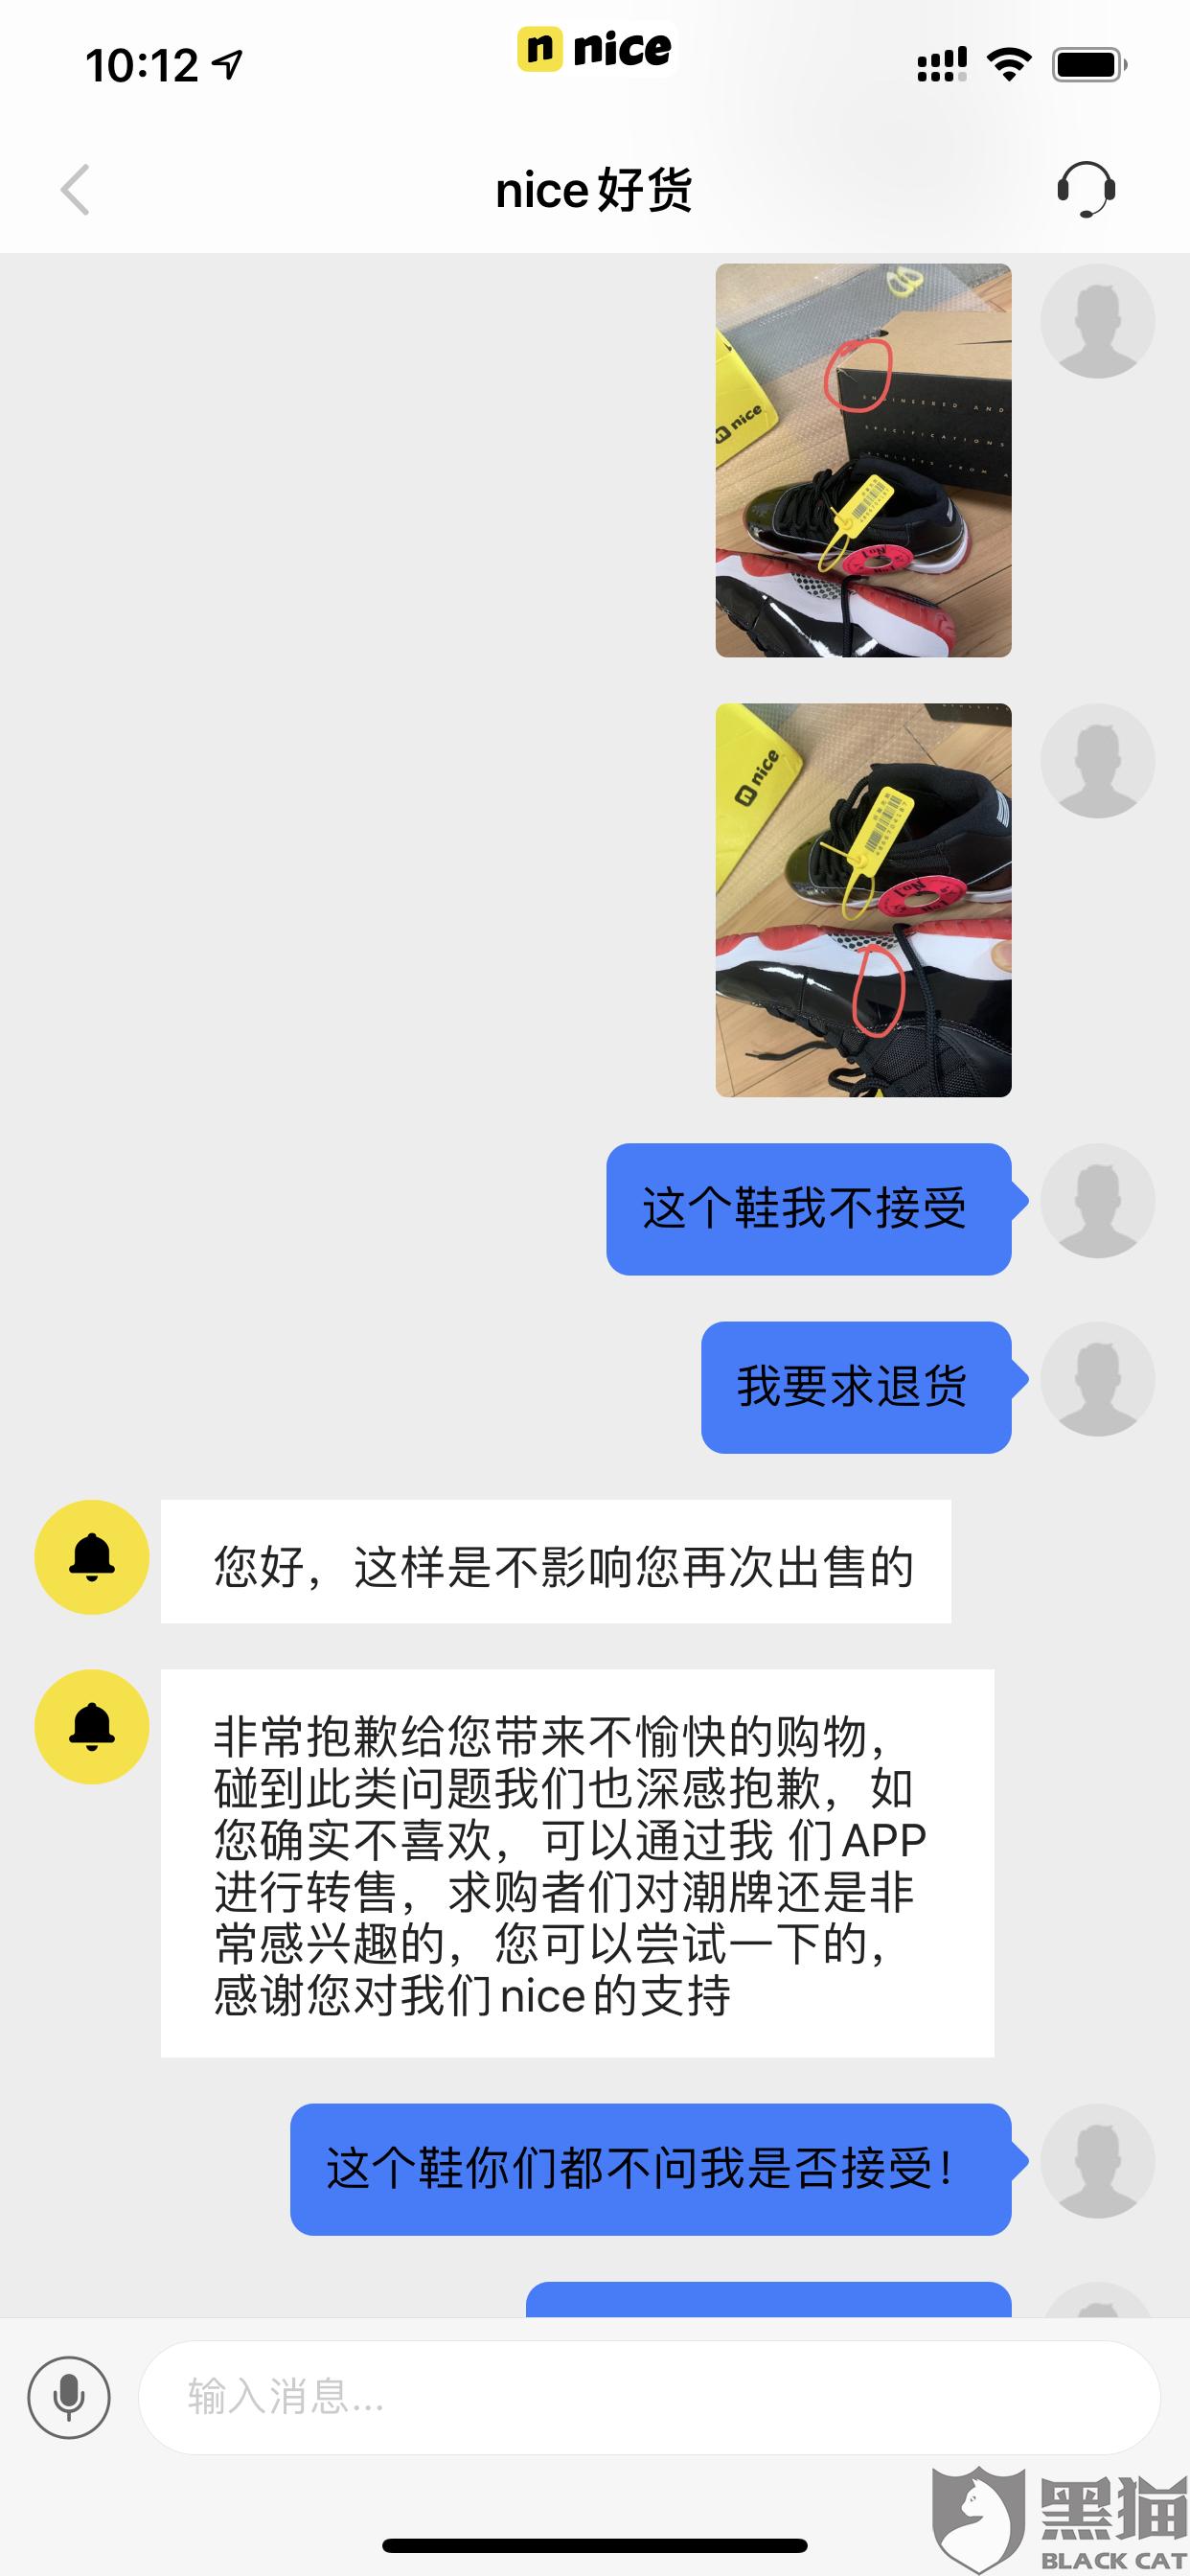 黑猫投诉:nice平台给我发了一双有质量问题的球鞋aj11黑红